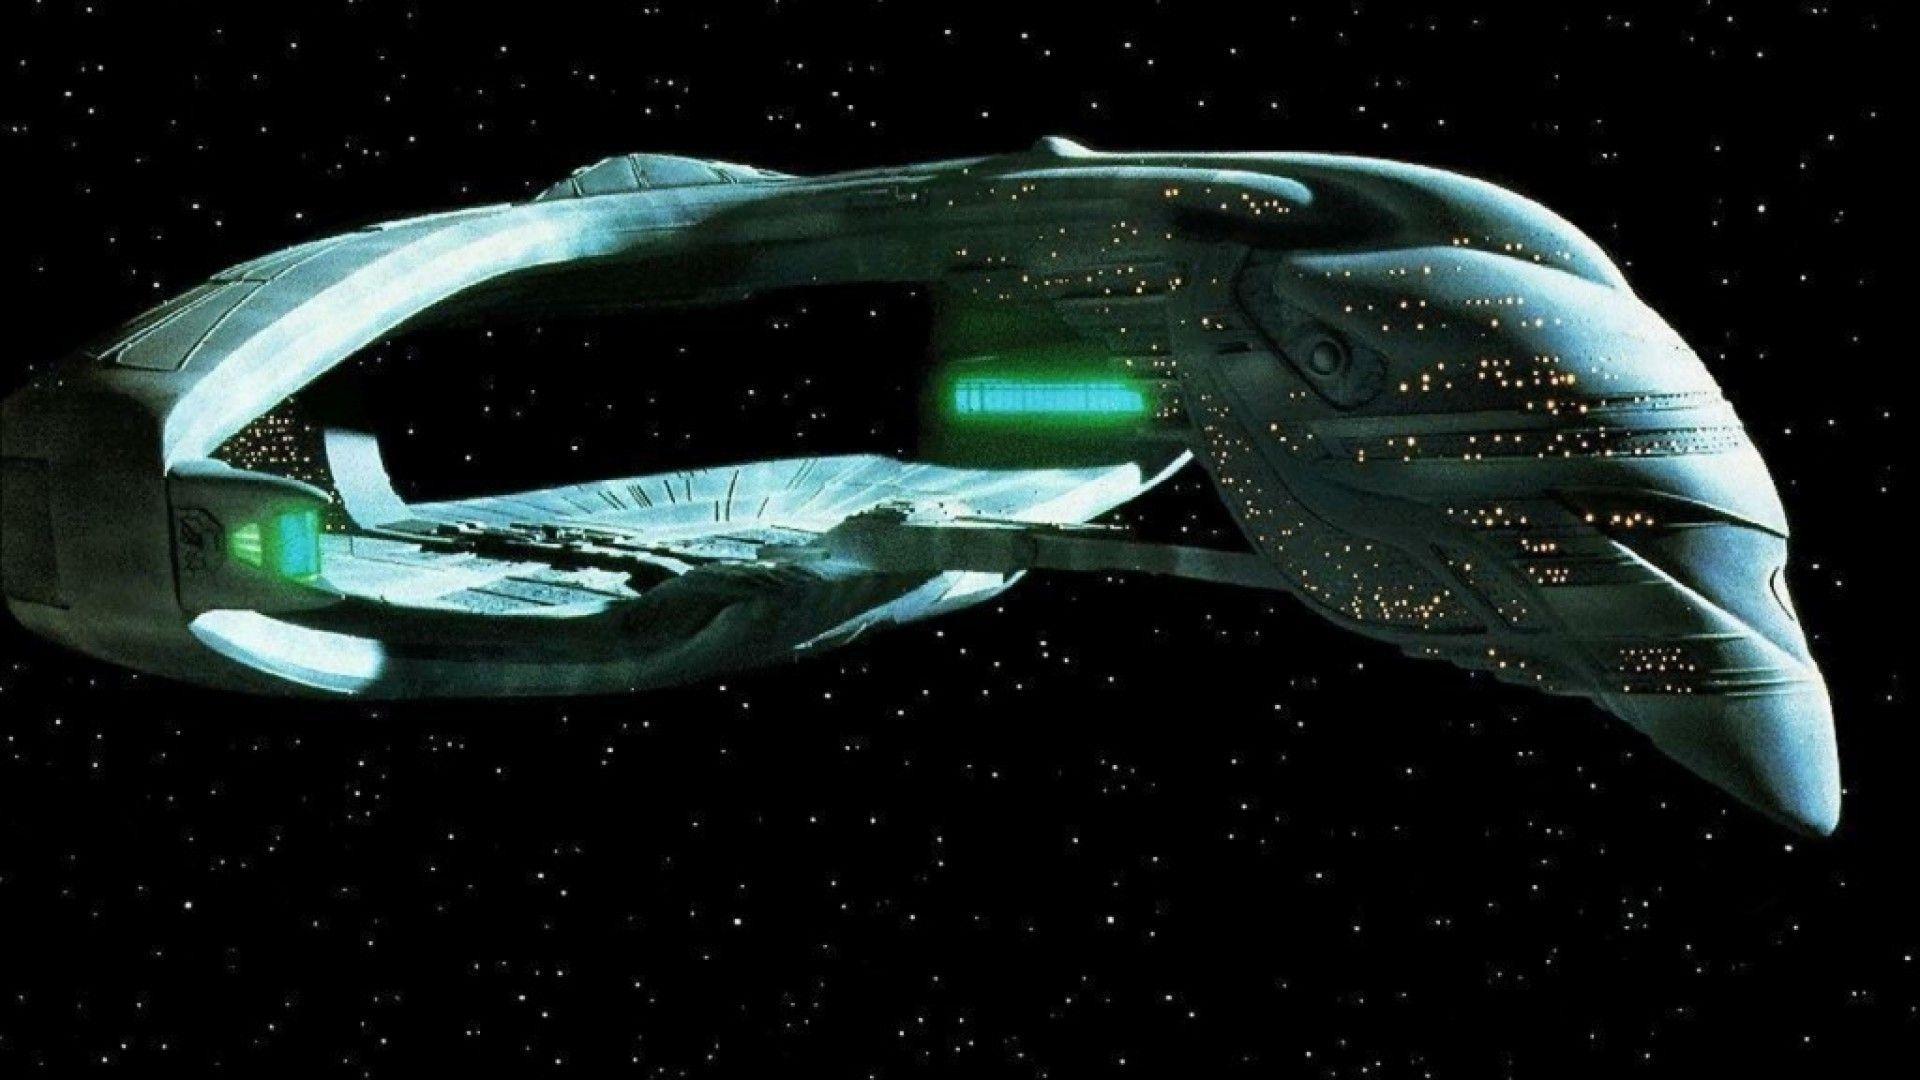 Star Trek 1107 Star Trek Wallpaper   Hot HD Wallpaper